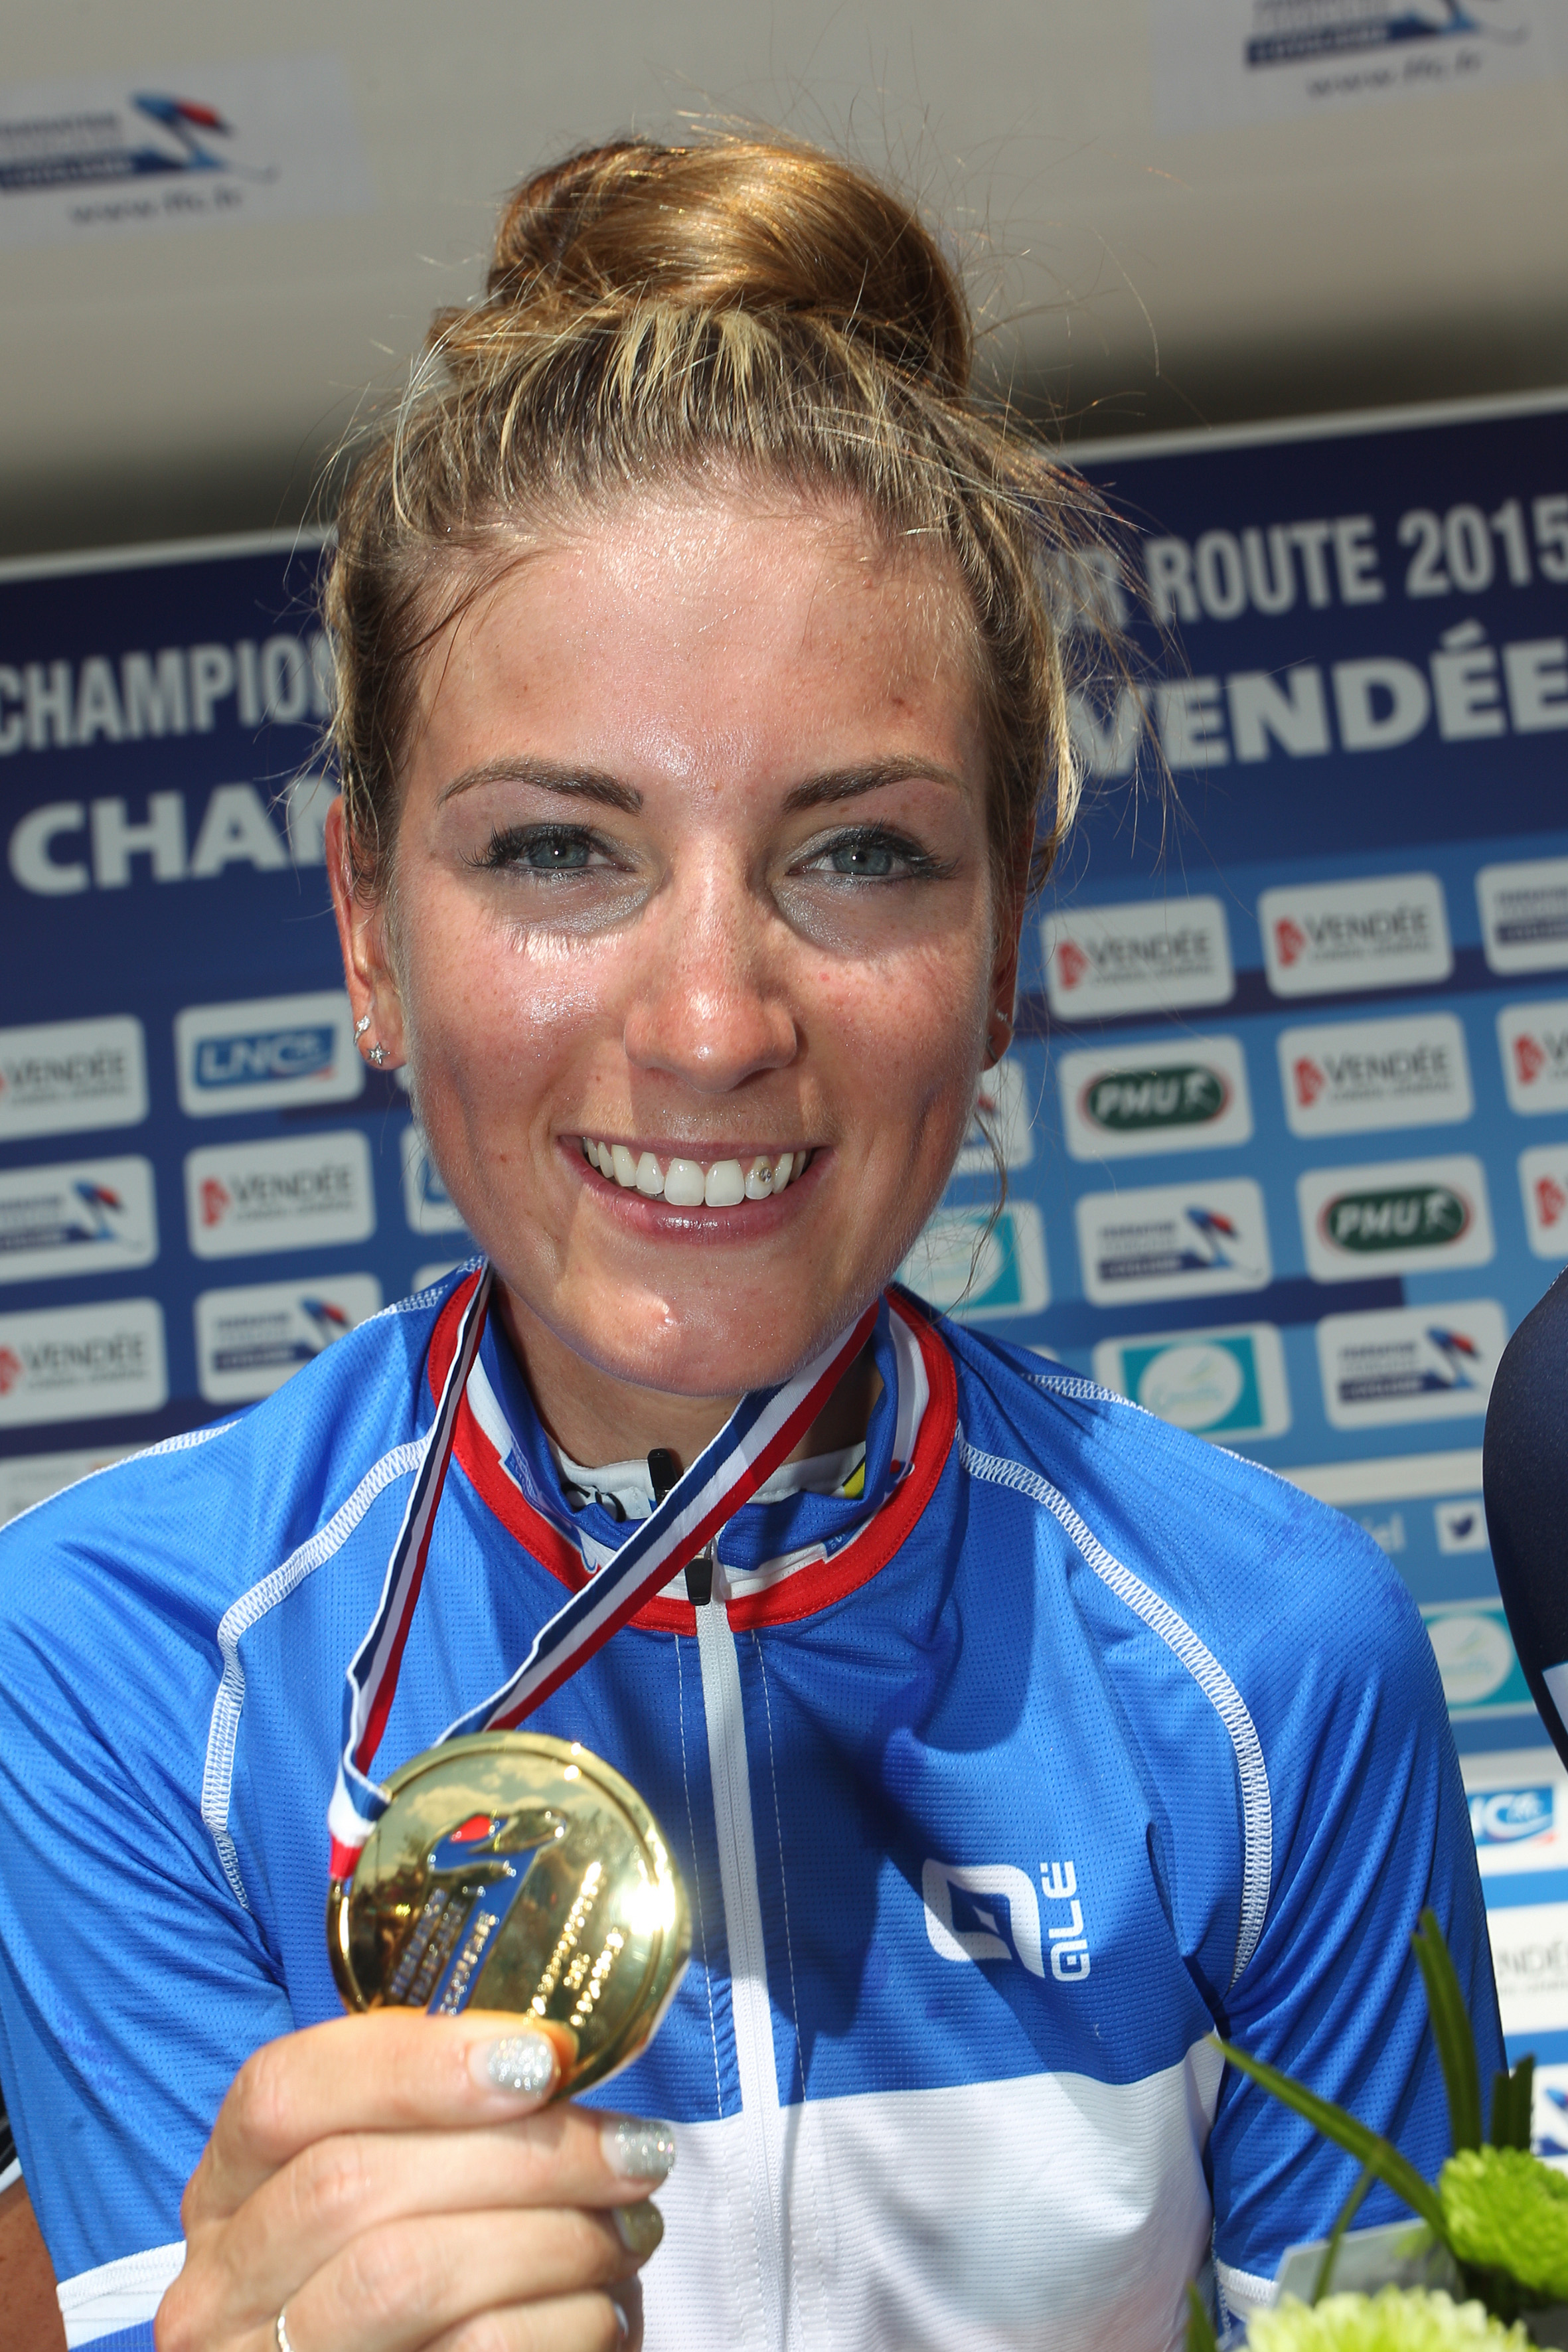 PAULINE FERRAND PREVOT (cyclisme) Championne du monde sur route, en cross-country et cyclo-cross. On espère que la « cannibale » du cyclisme, ne laissera rien à ces concurrentes.